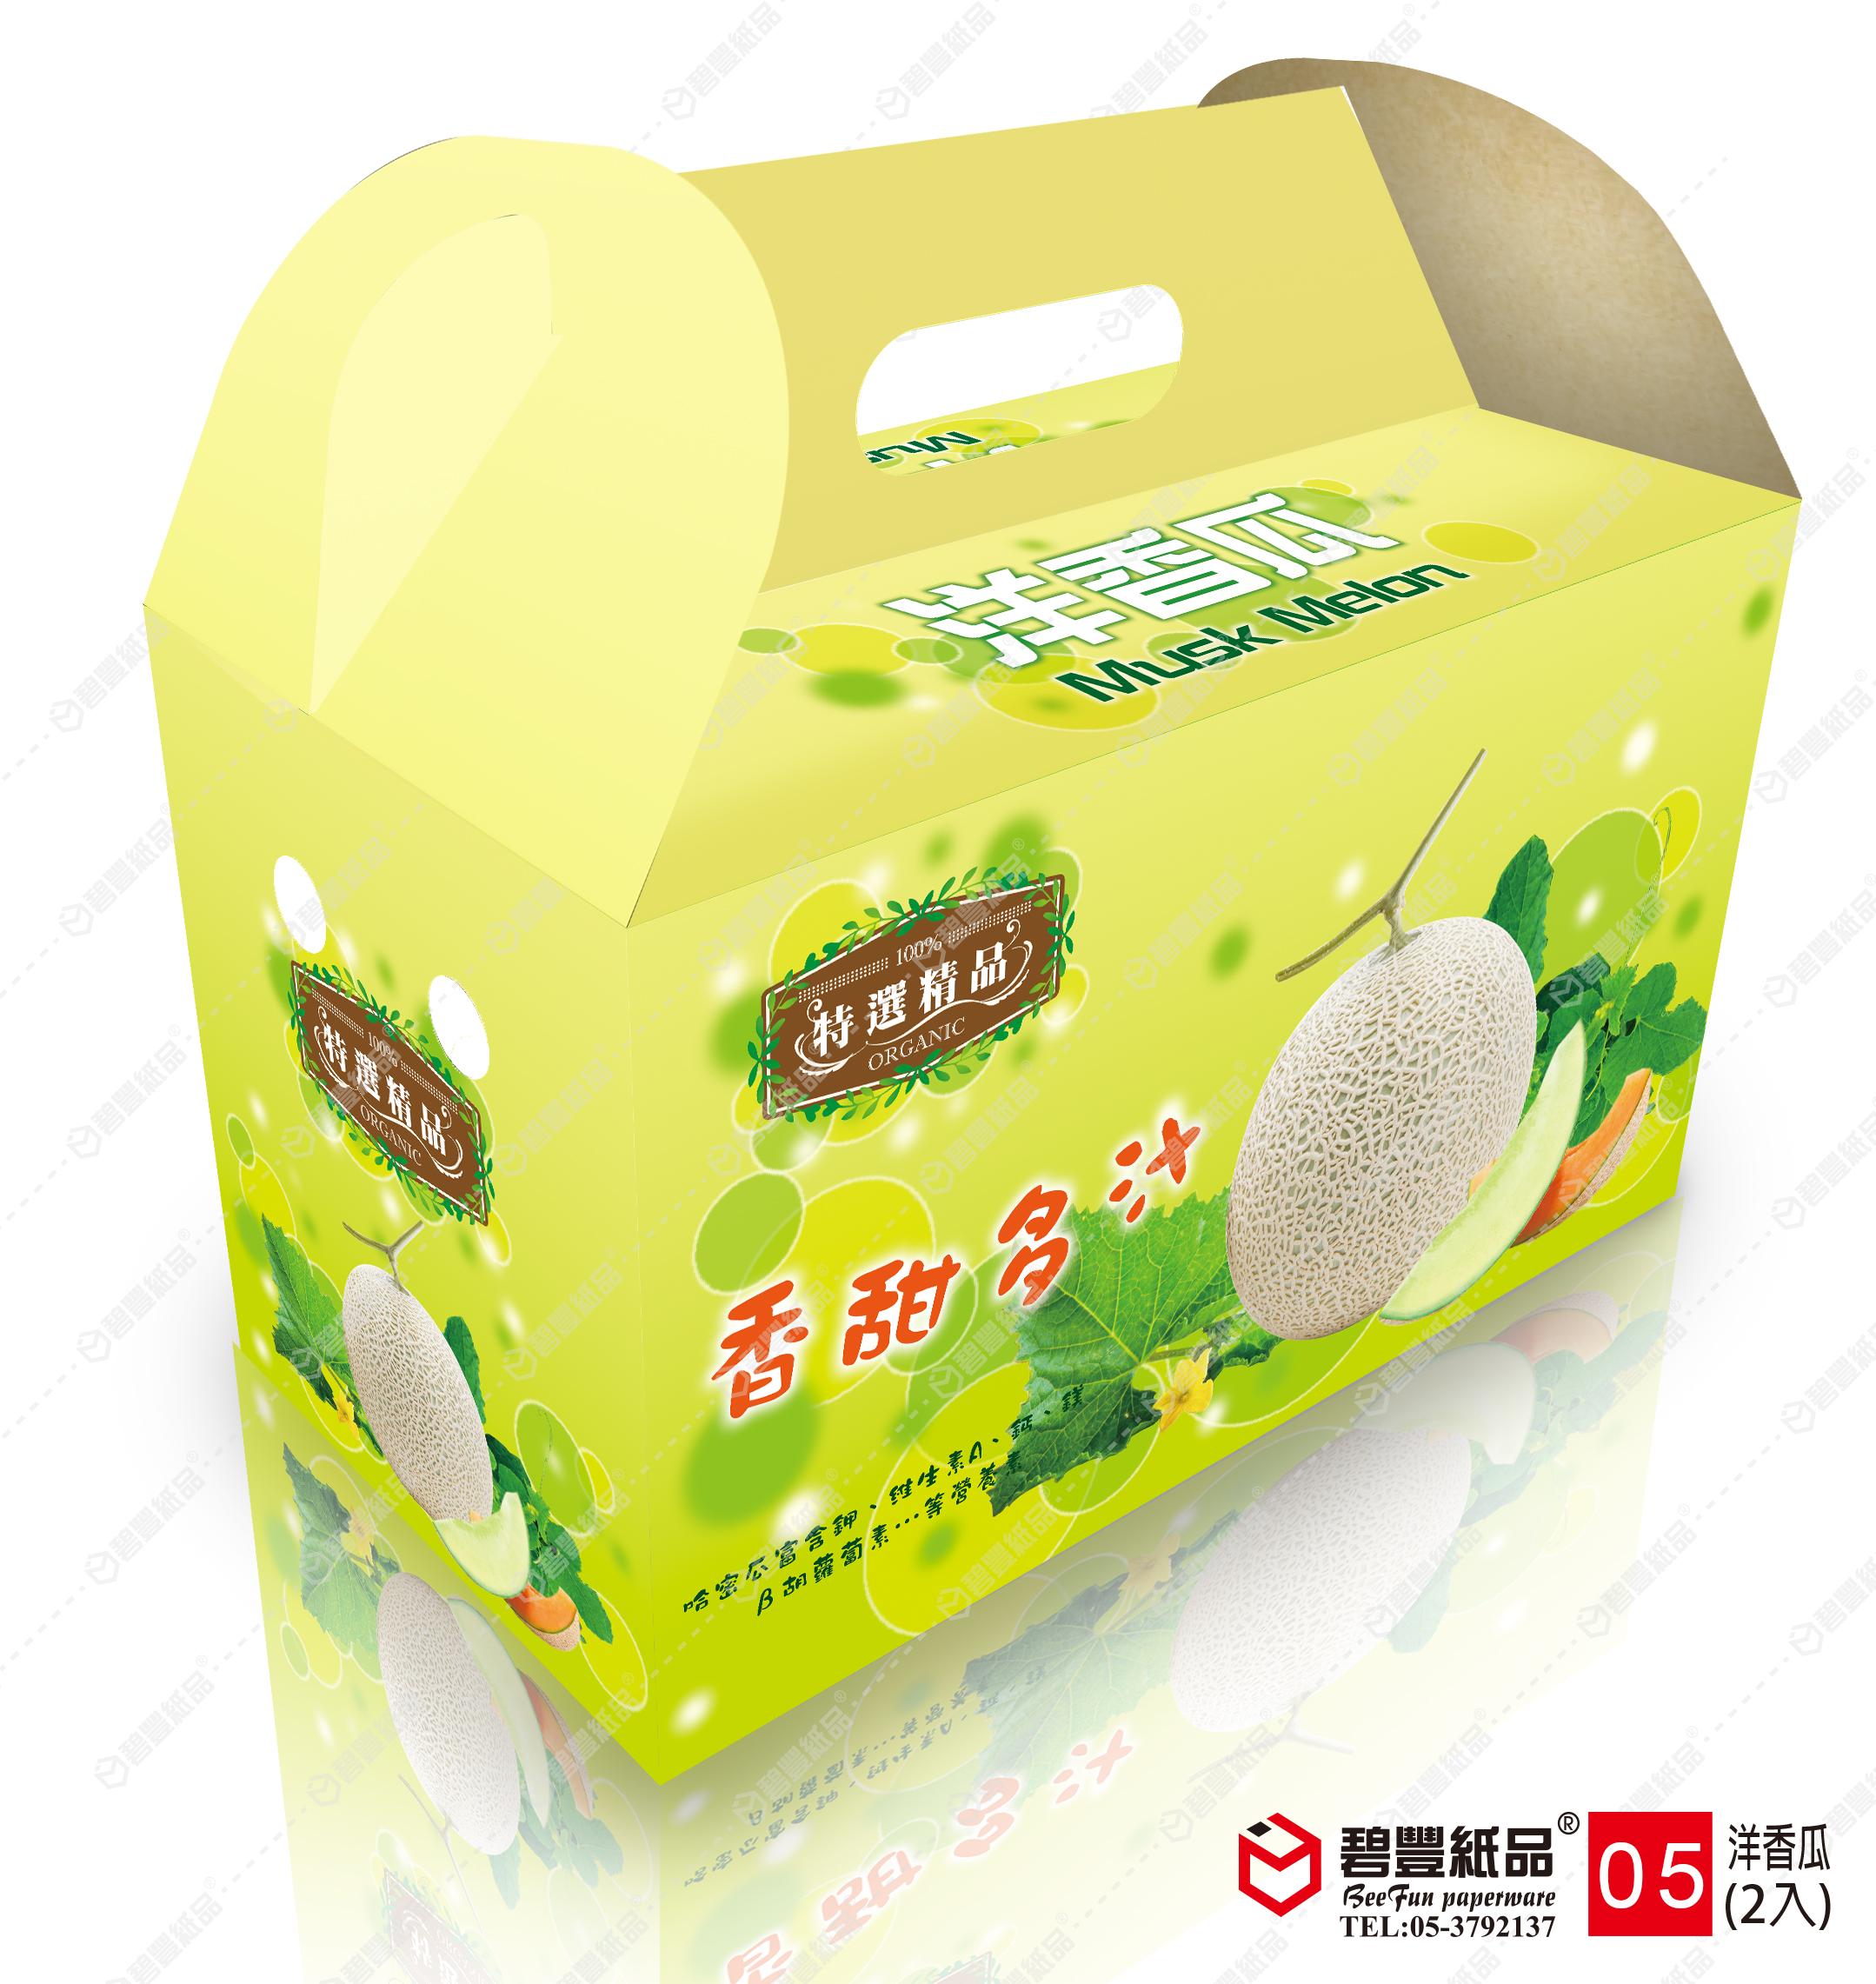 碧豐-洋香瓜二入手提式禮盒-5號